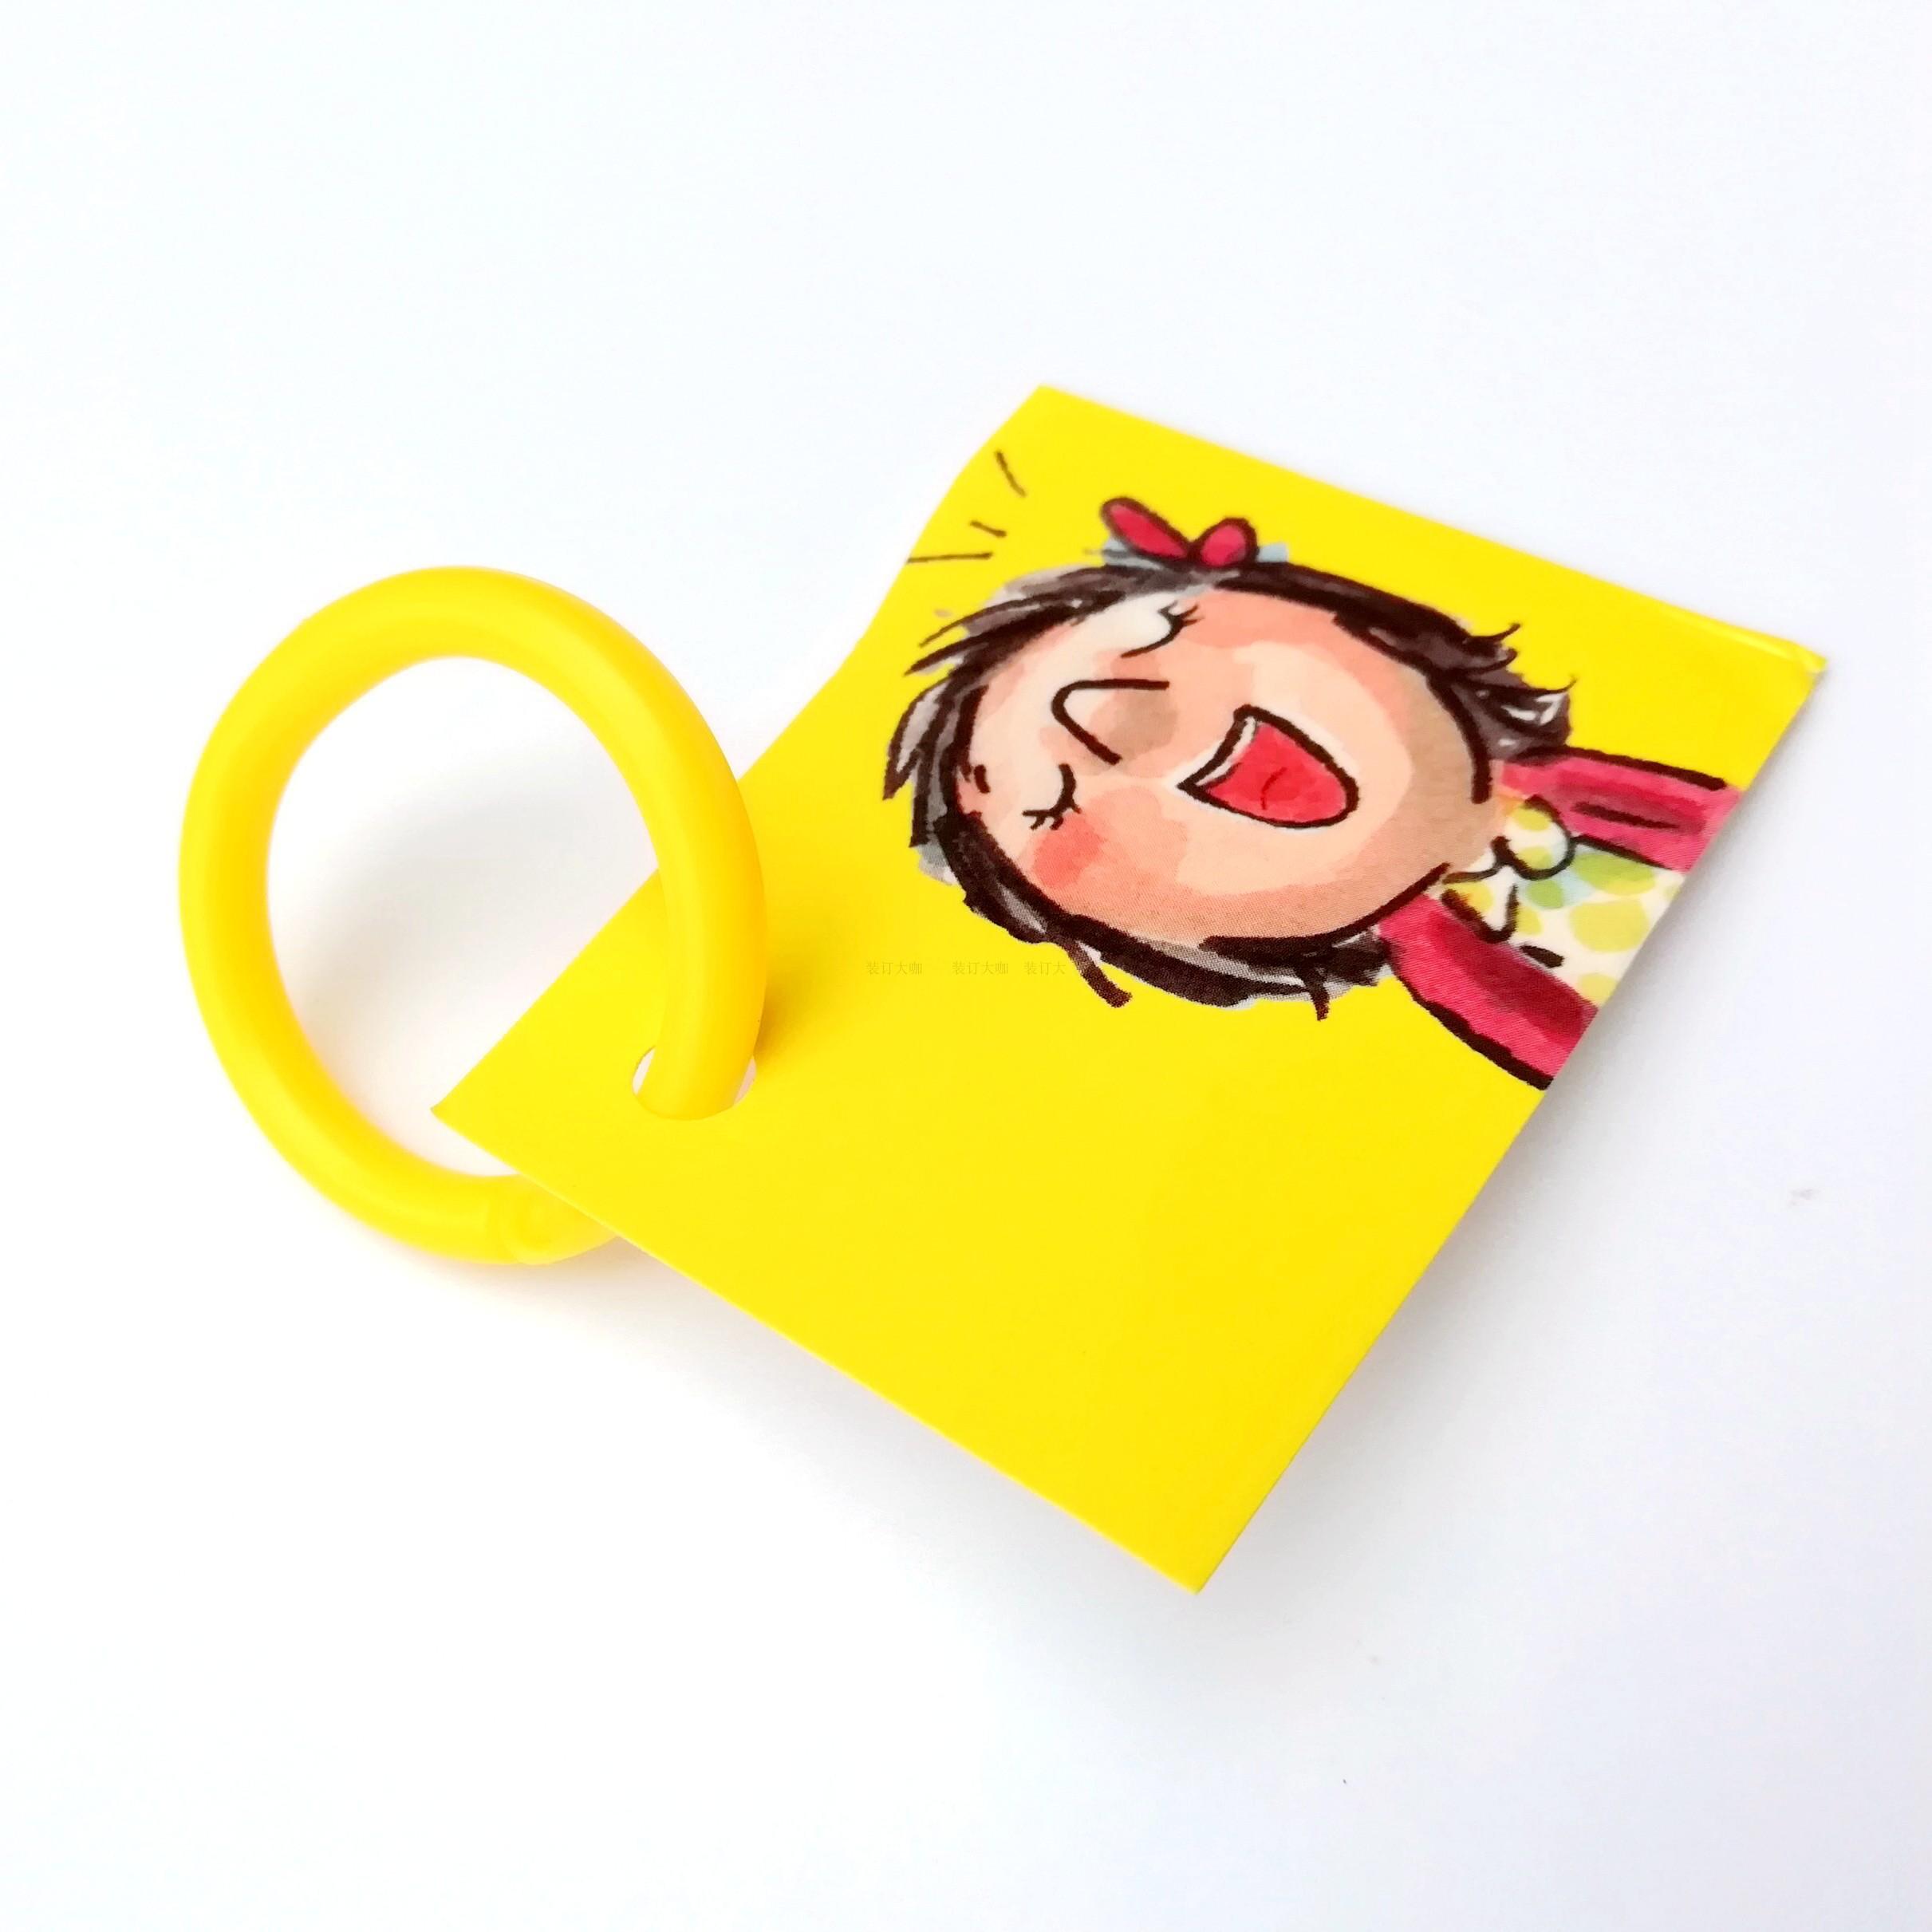 塑料单环活页圈 彩色开口圈 软胶易扣合 相册卡片本子装订配件